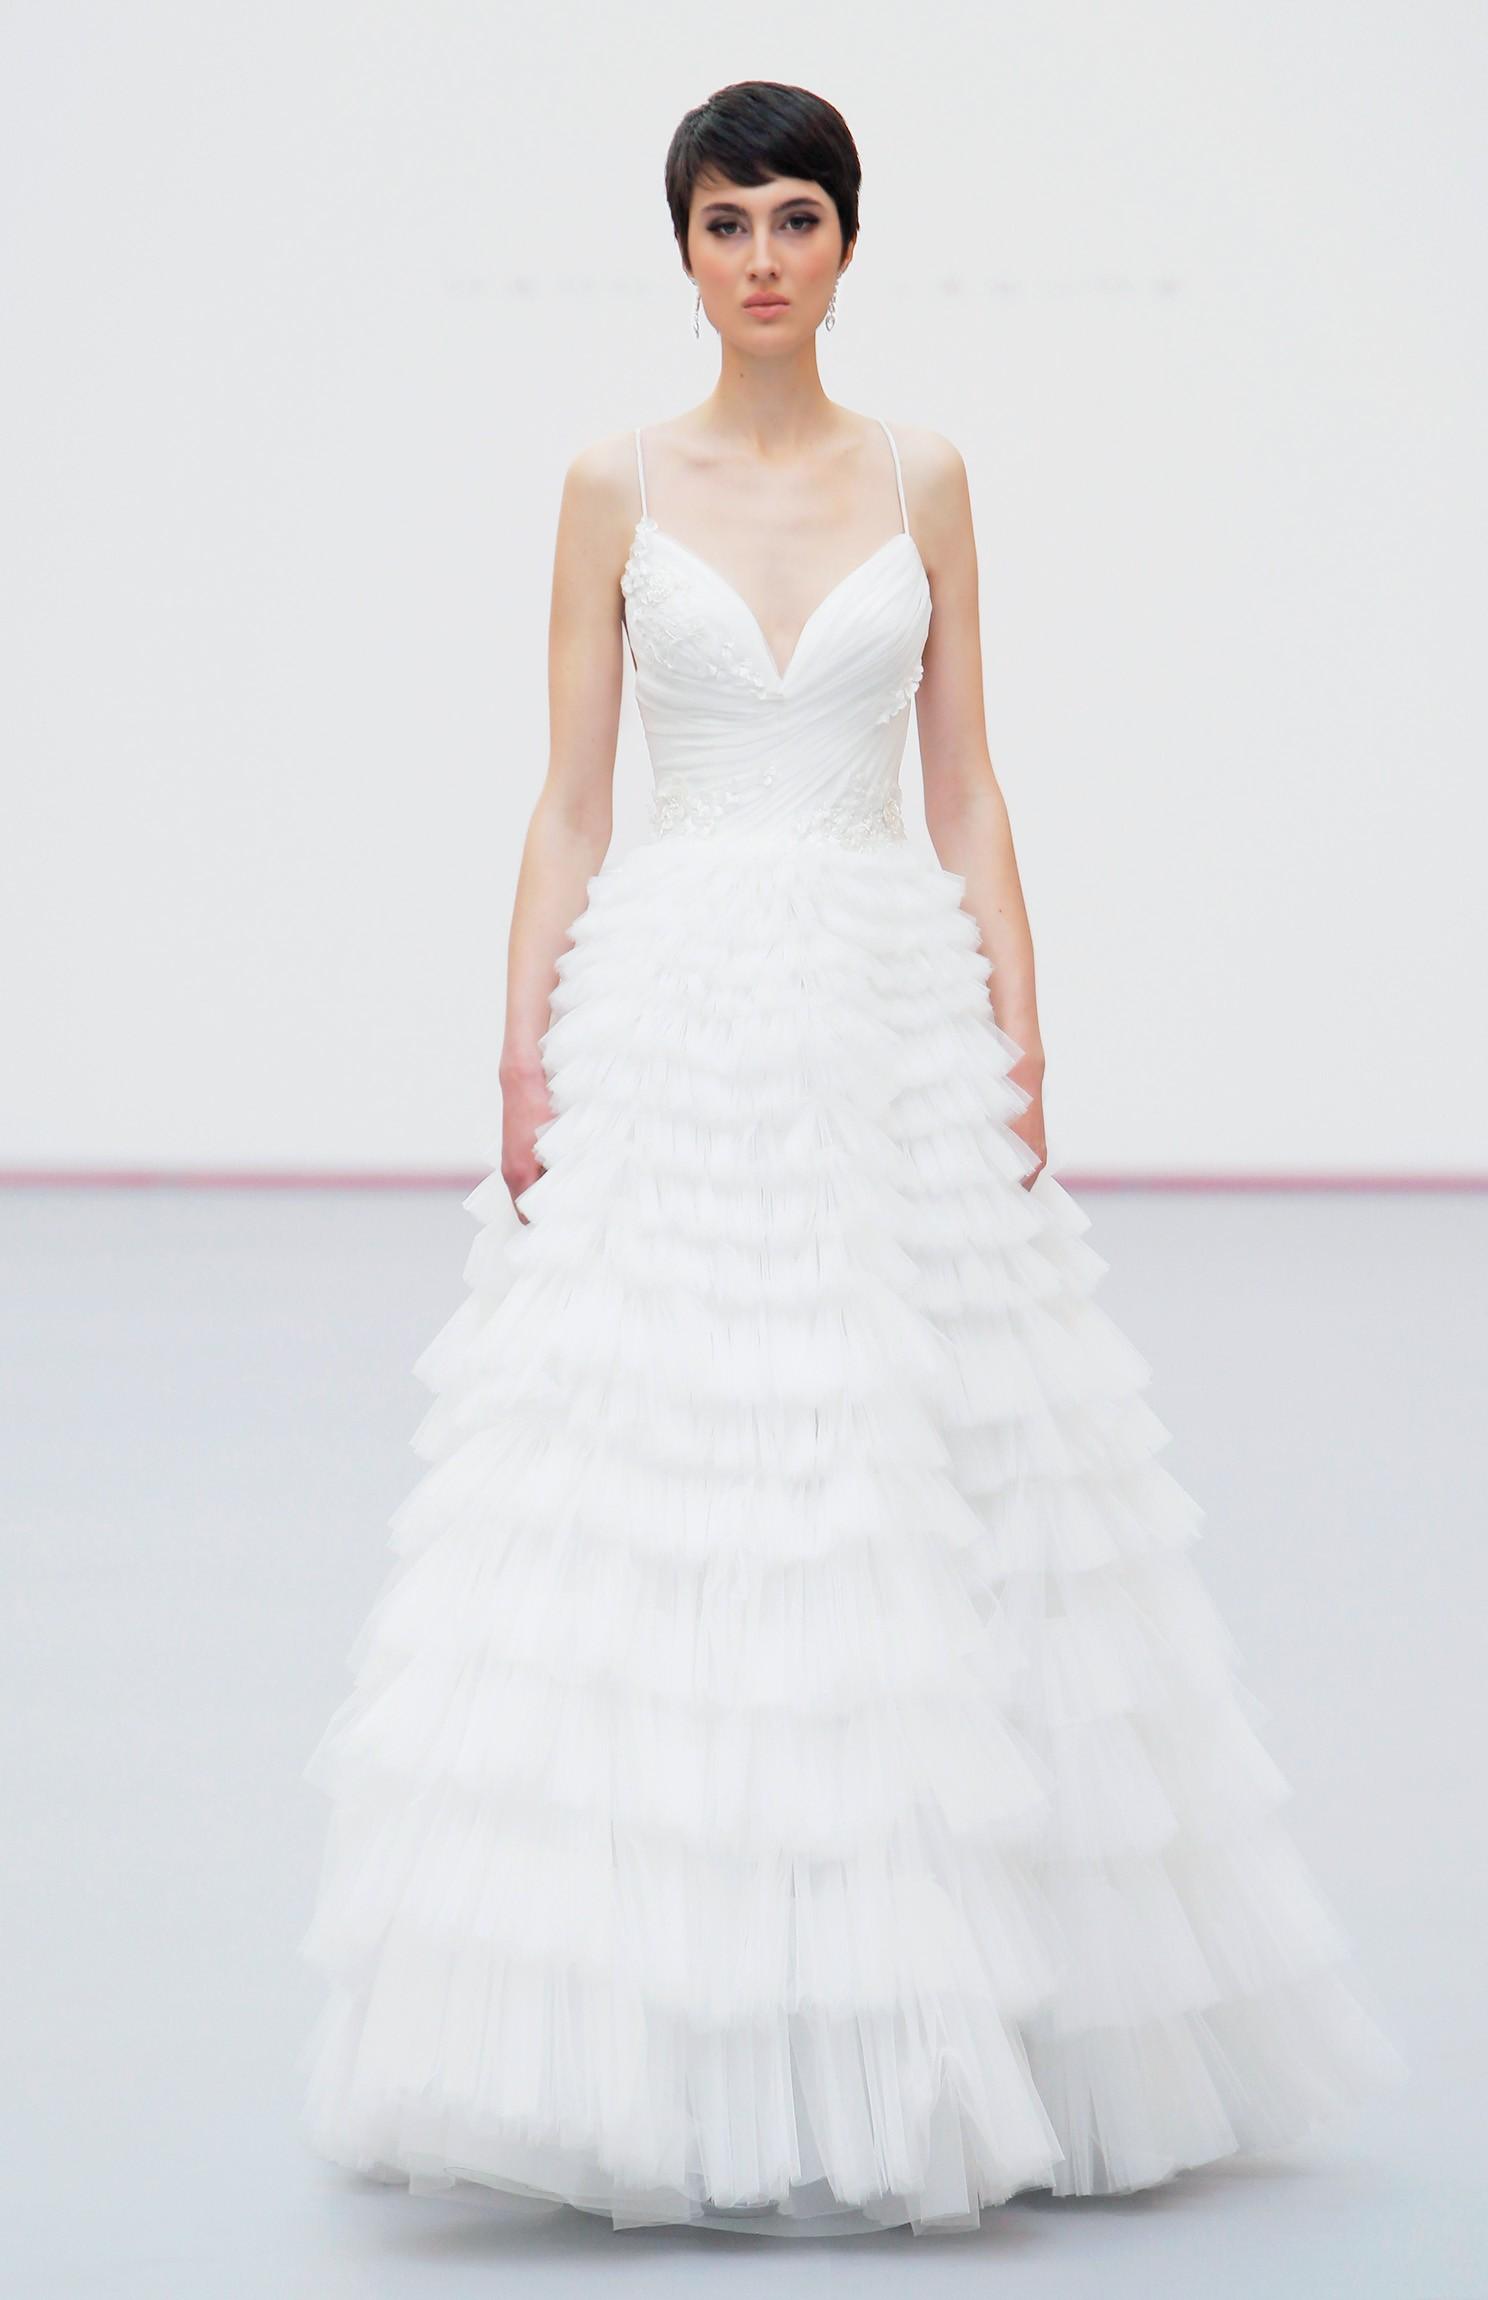 Sonar con vestido de novia brillante